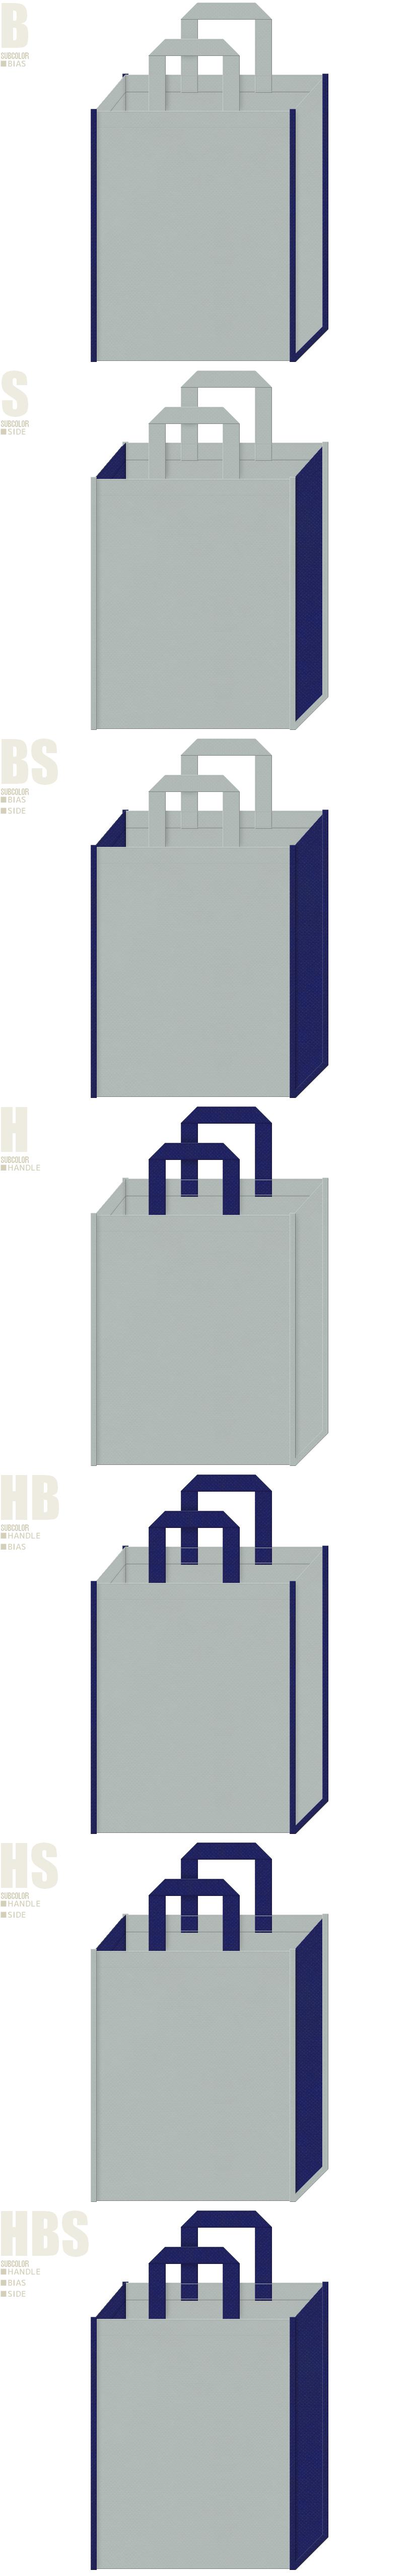 学校・学園・オープンキャンパス・学習塾・学術セミナー・レッスンバッグ・ロボット・ラジコン・プラモデル・ホビーの展示会用バッグにお奨めの不織布バッグデザイン:グレー色と明るい紺色の配色7パターン